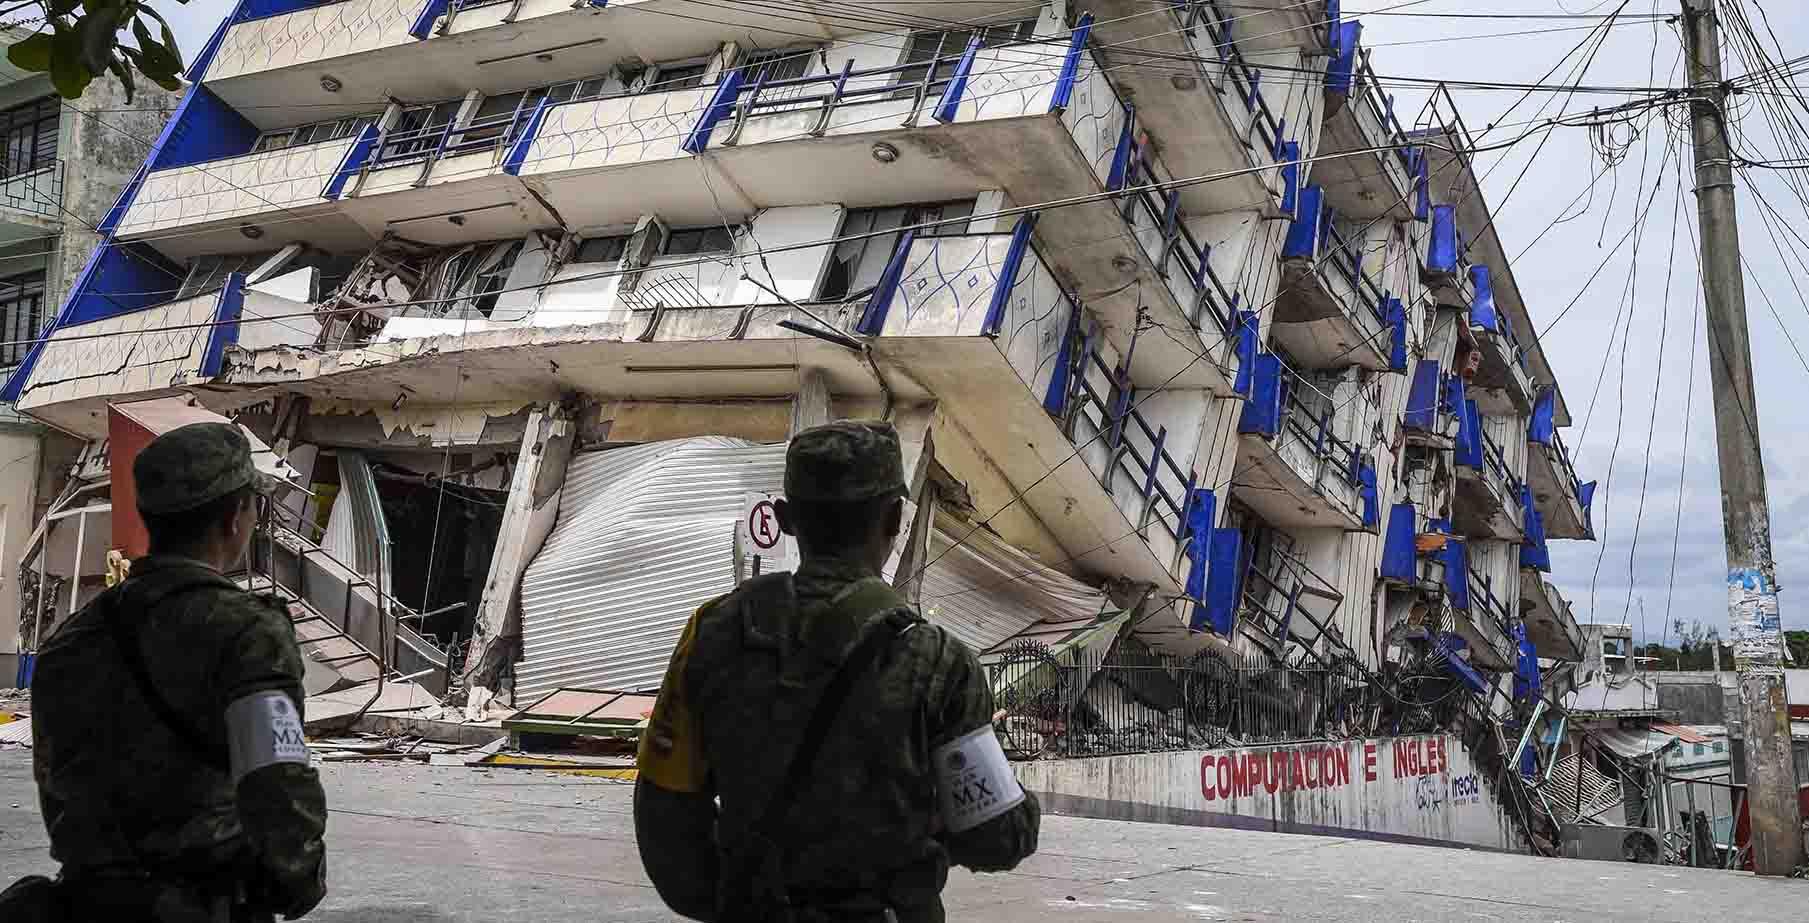 La cifra más alta de fallecidos corresponde a Ciudad de México, donde se han contabilizado 225 muertos